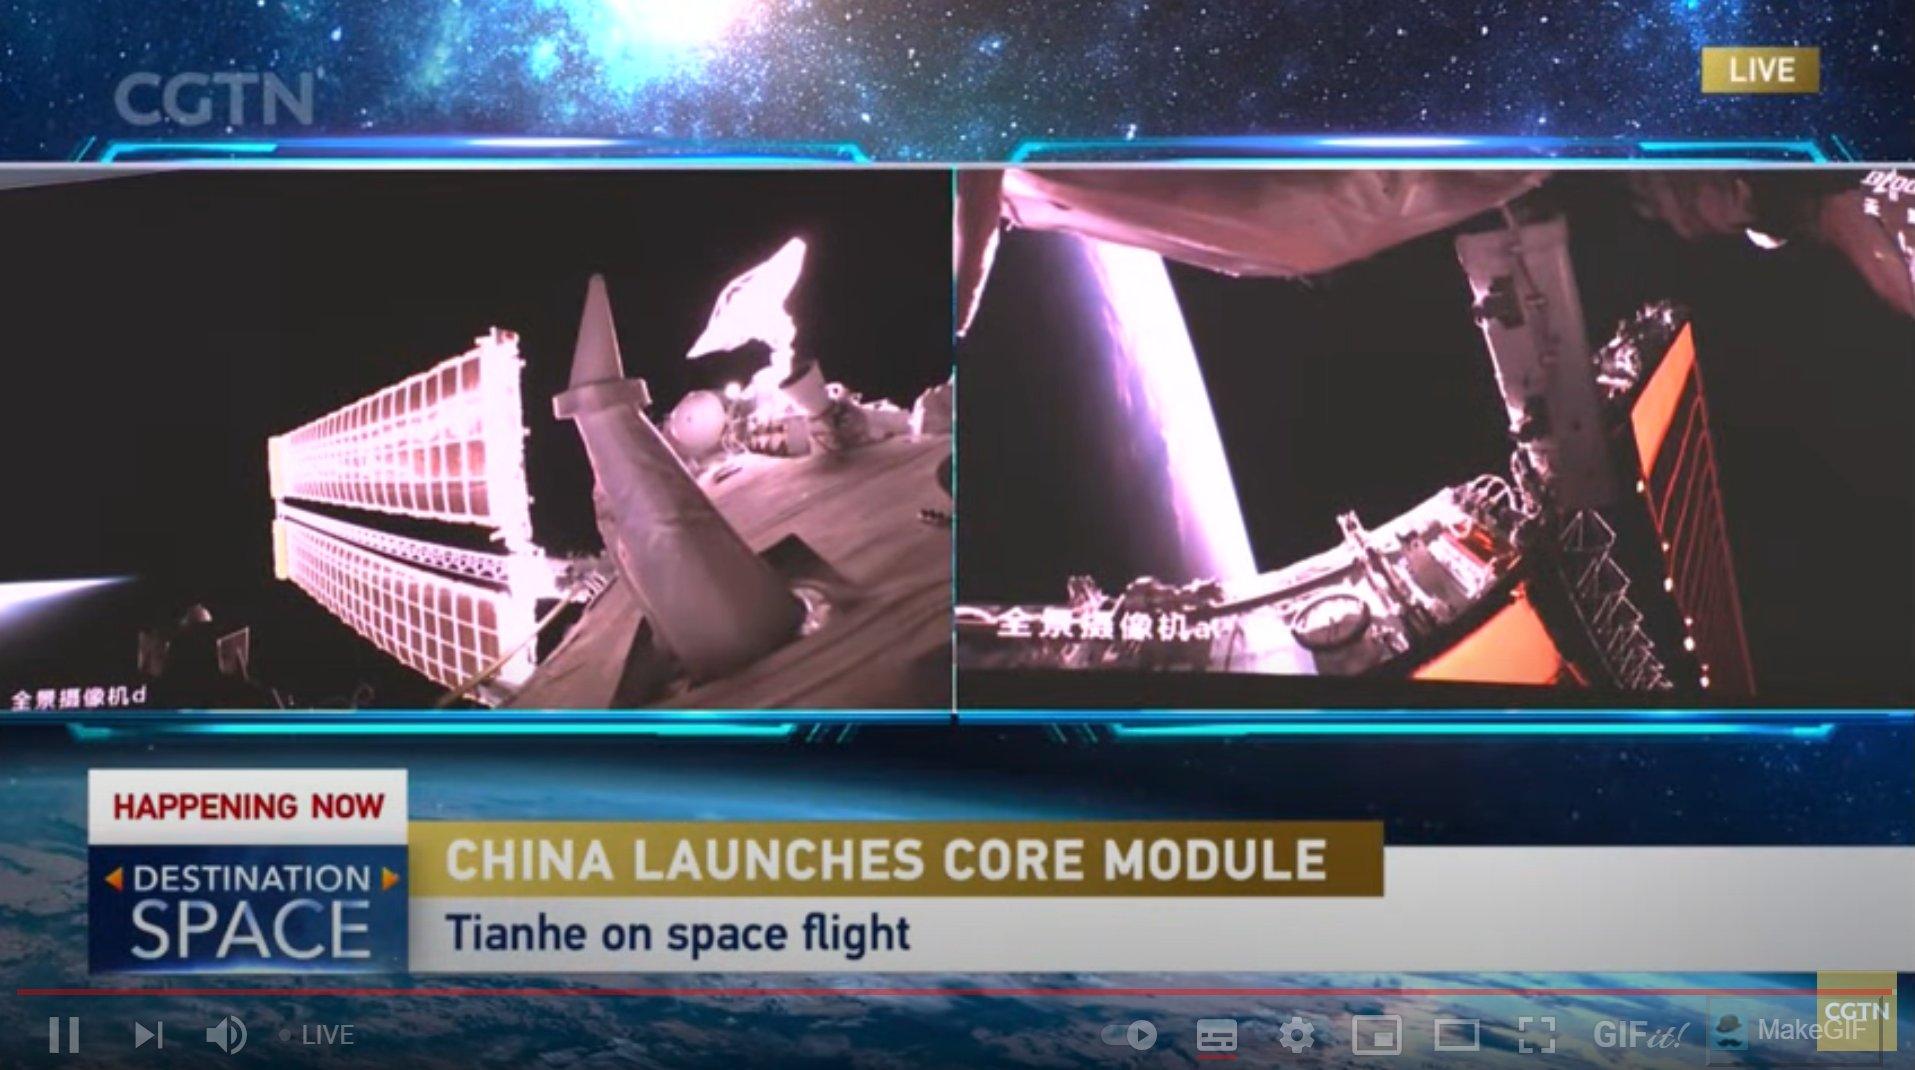 Китай успешно запустил базовый модуль Тяньхэ для своей орбитальной станции